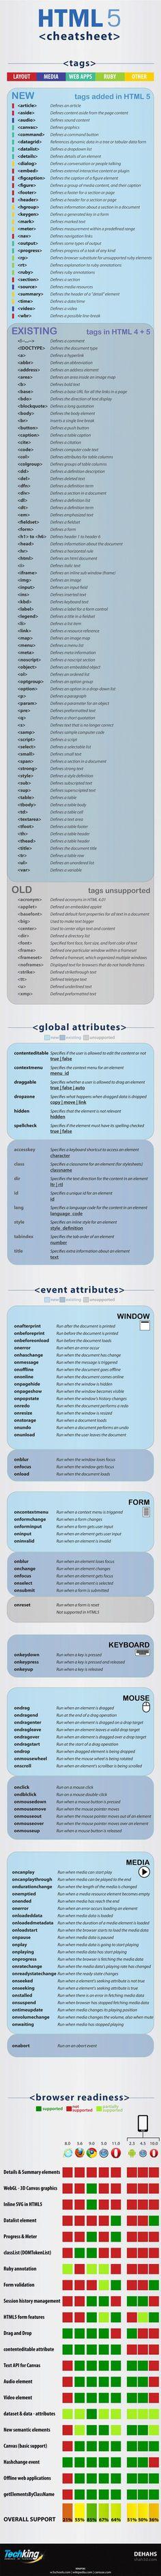 HTML5 SPICKZETTEL